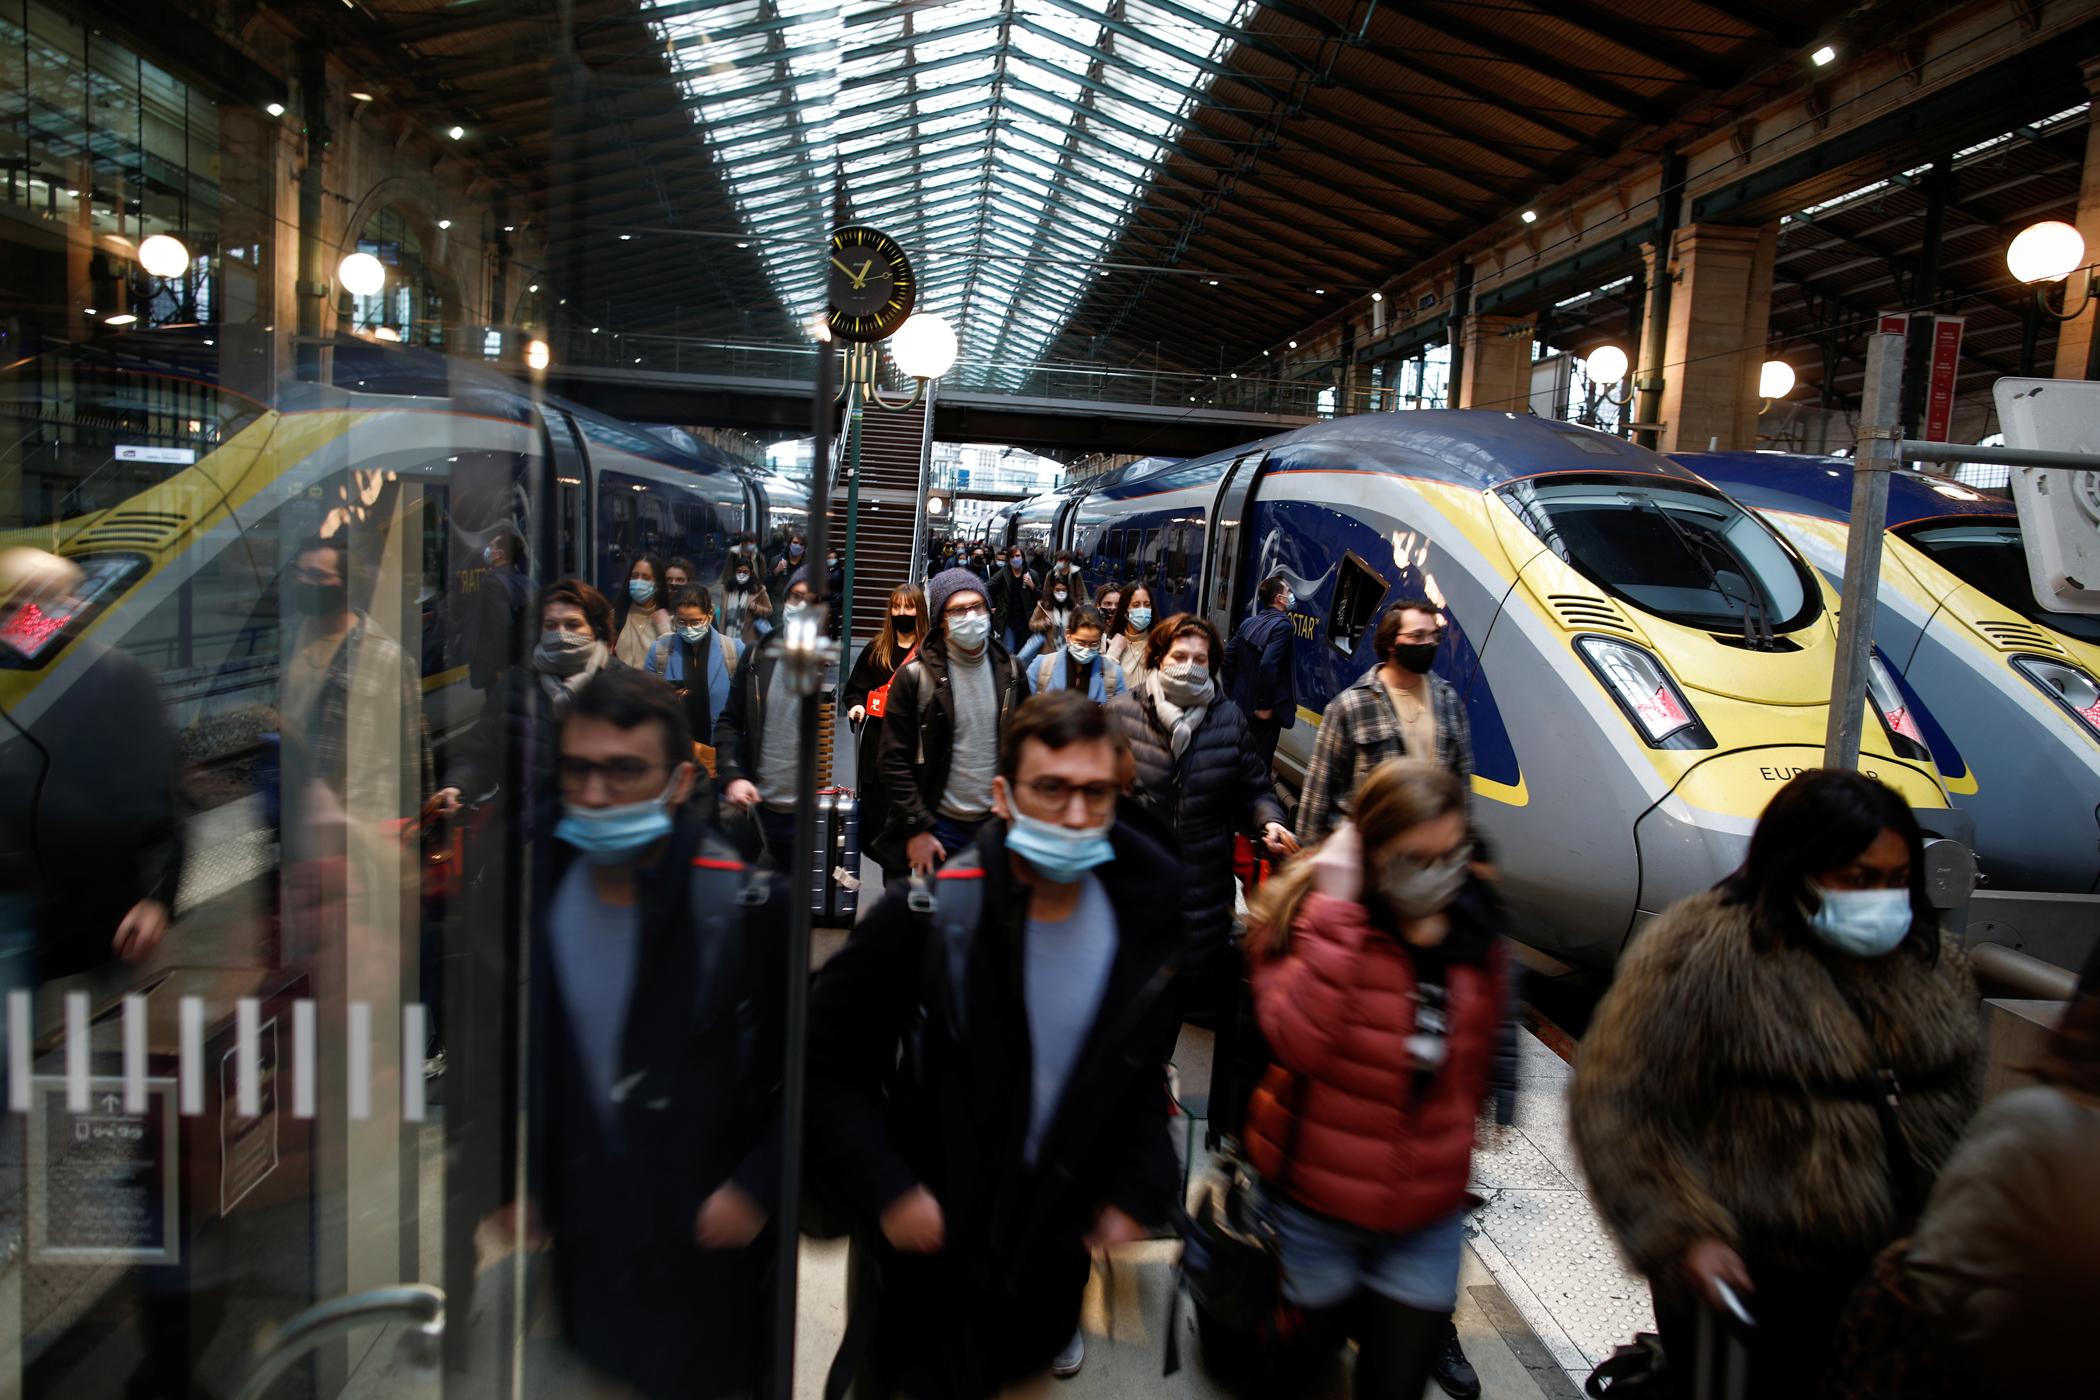 Γαλλία: Νέο lockdown αν αυξηθούν τα μεταλλαγμένα κρούσματα κορονοϊού